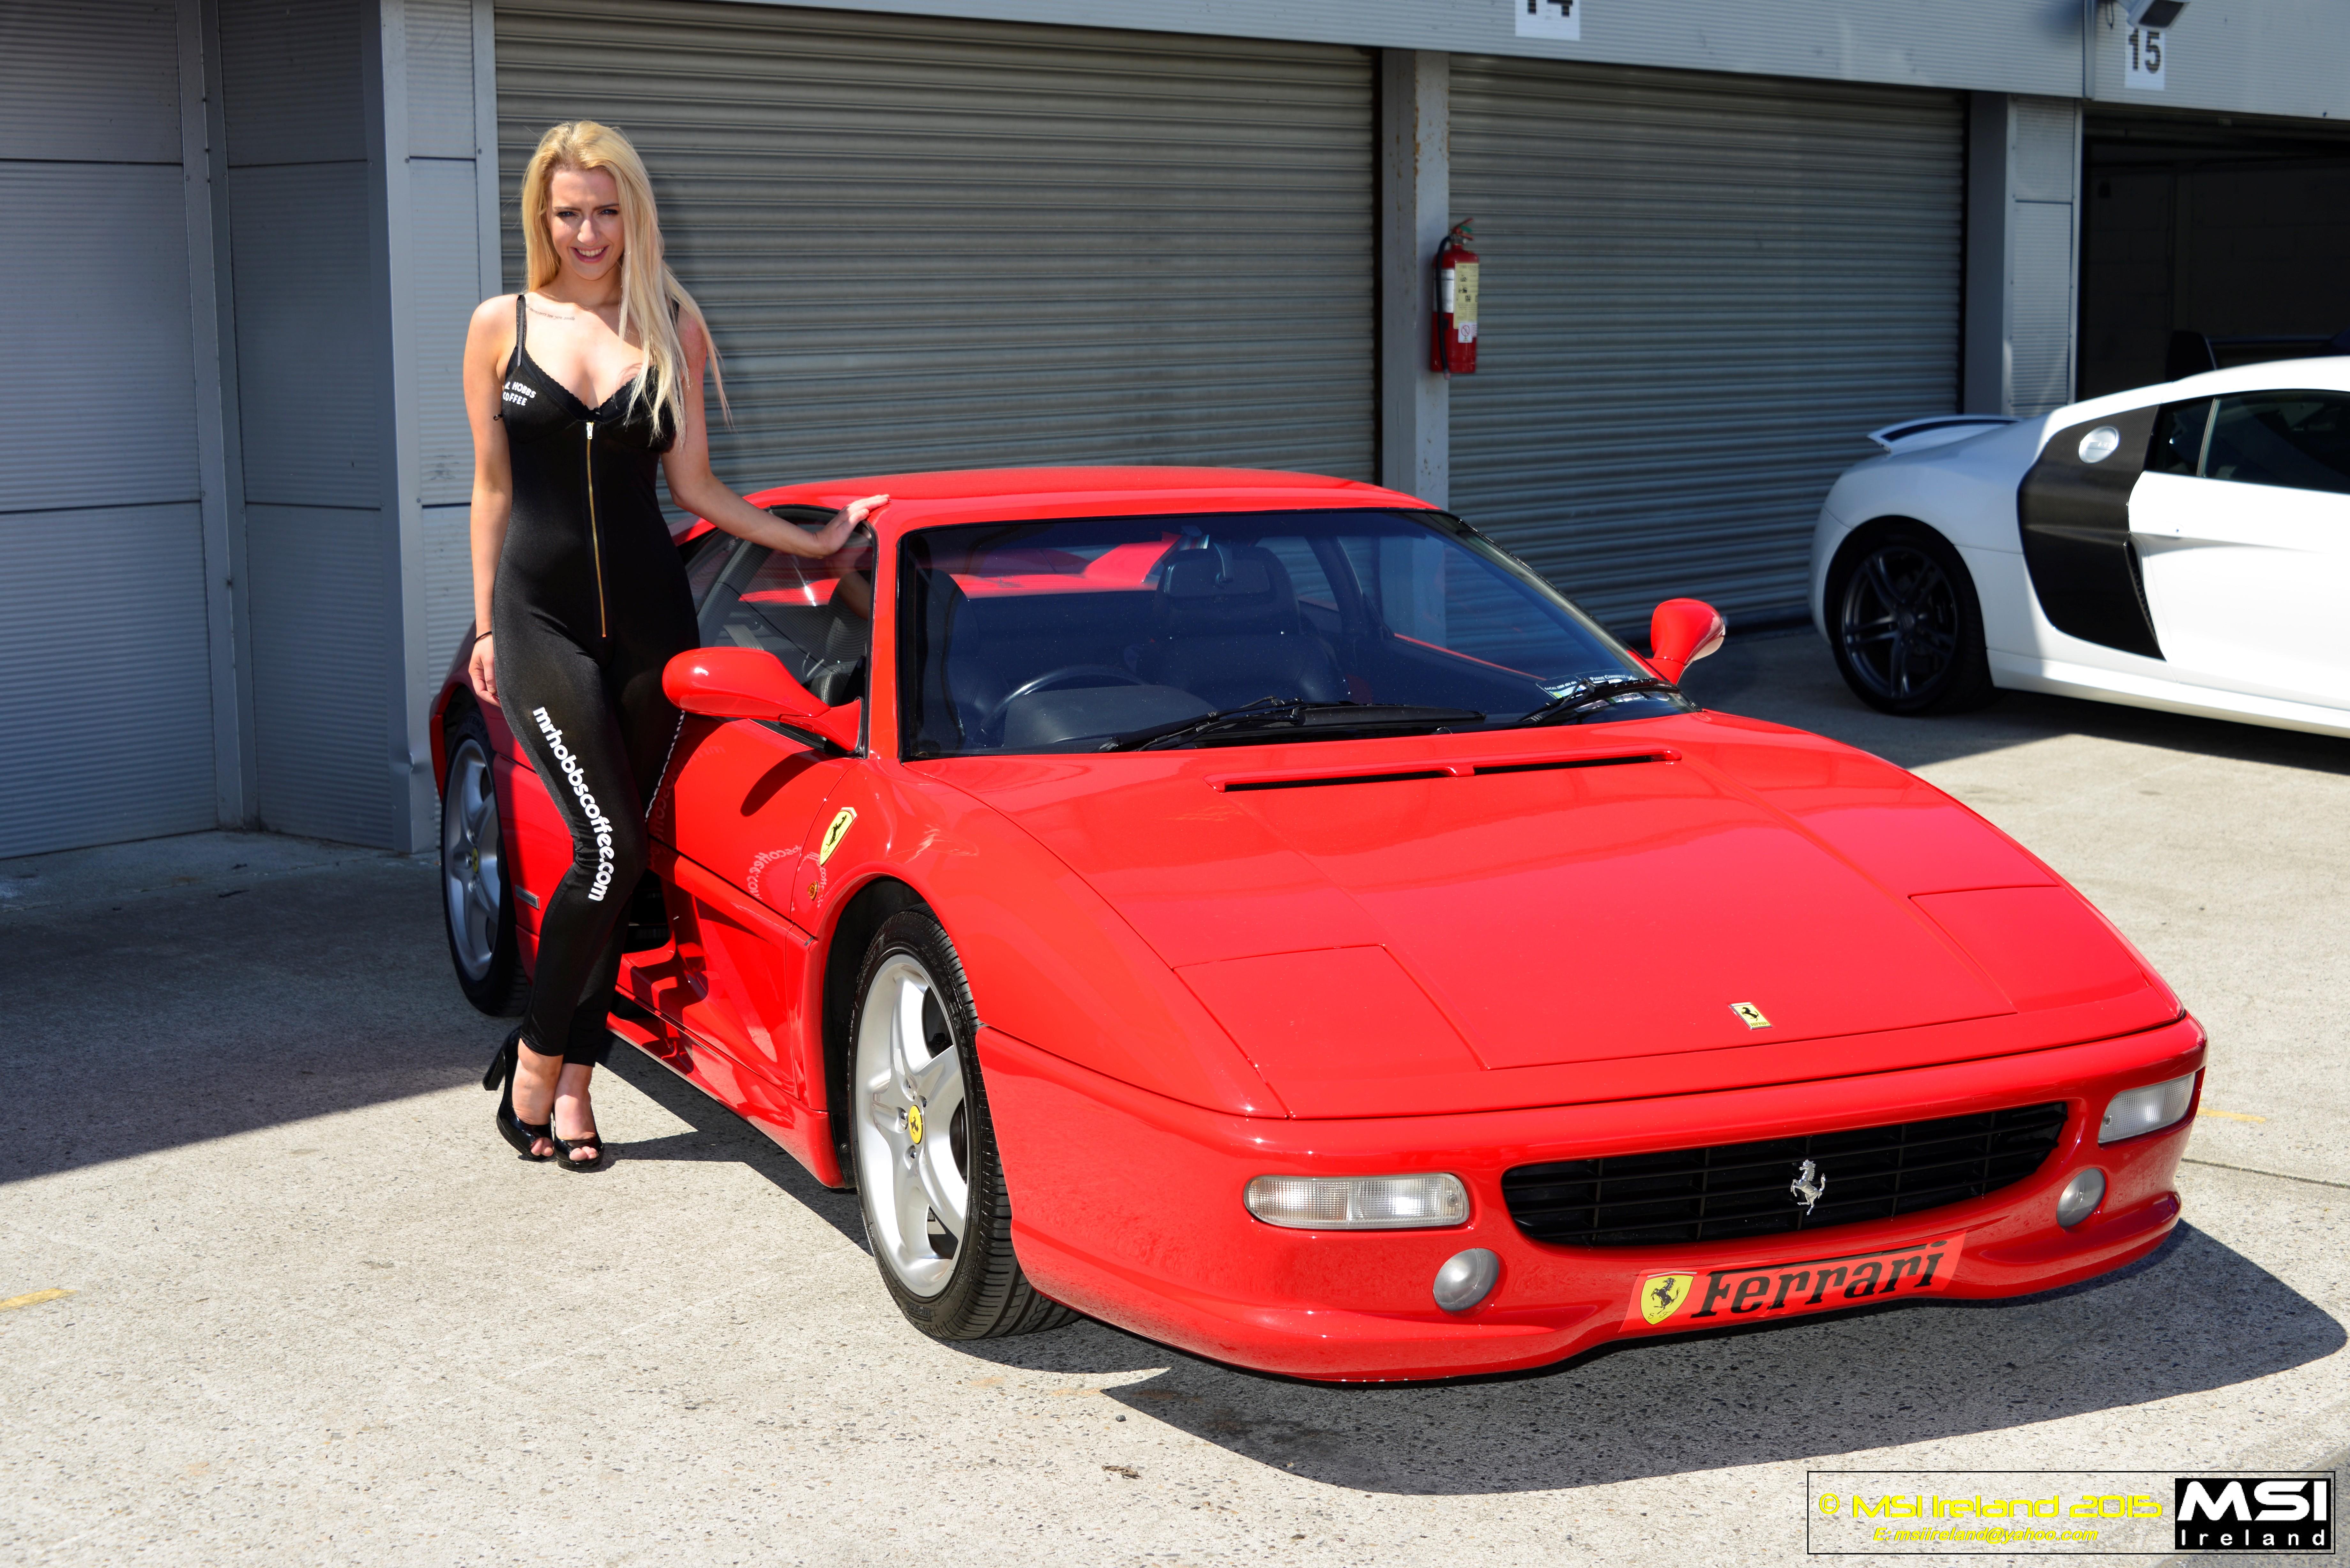 View Ferrari Testarossa Wallpaper Girls  Images